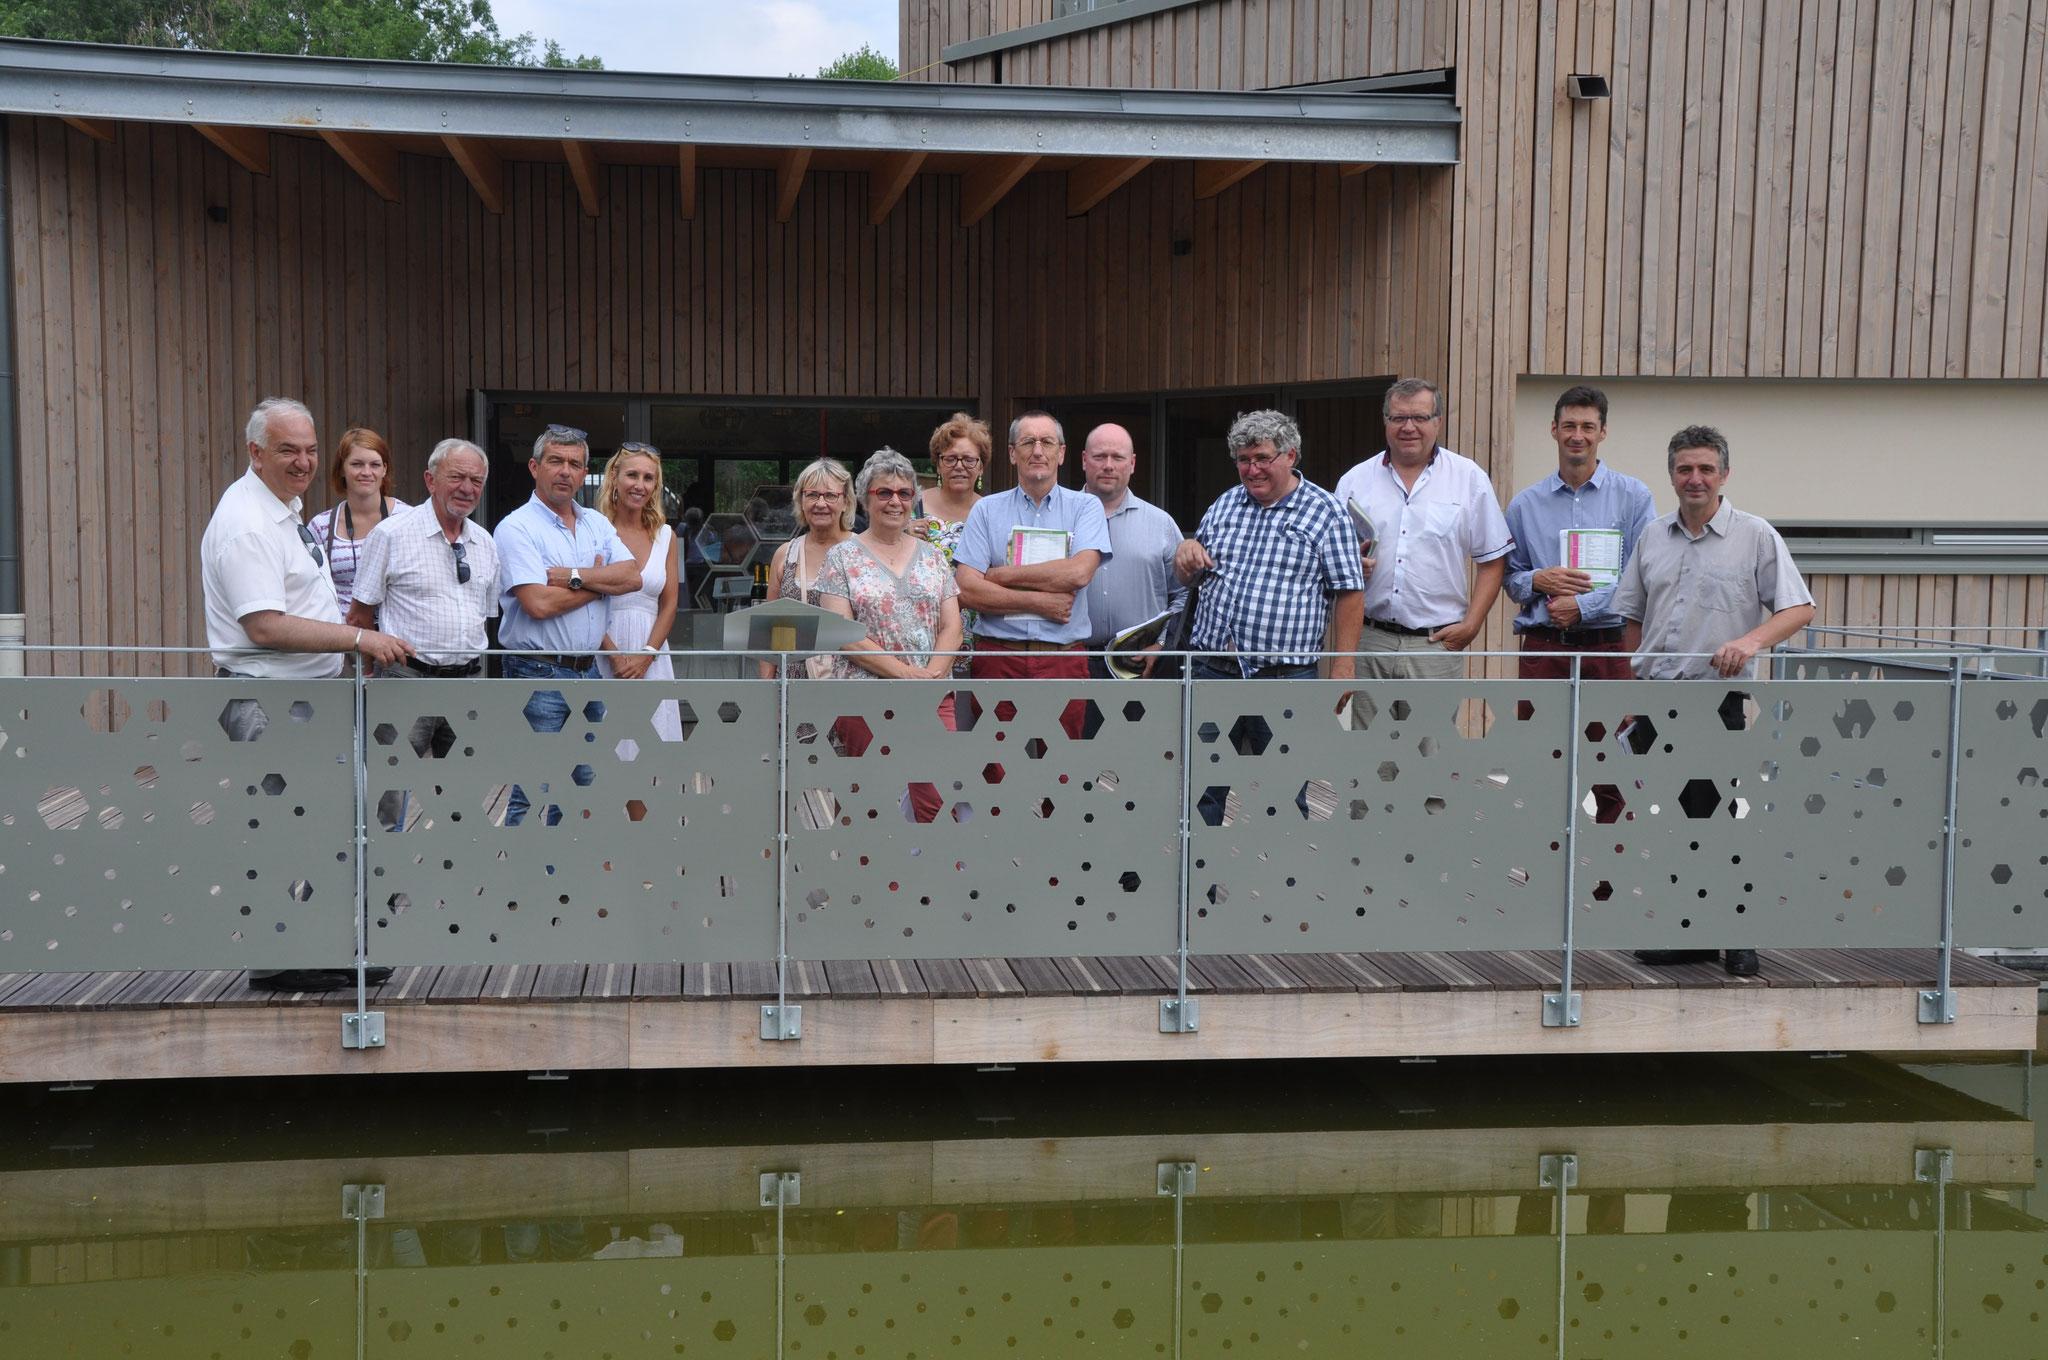 visite de la Maison de la Nature à Loon-Plage